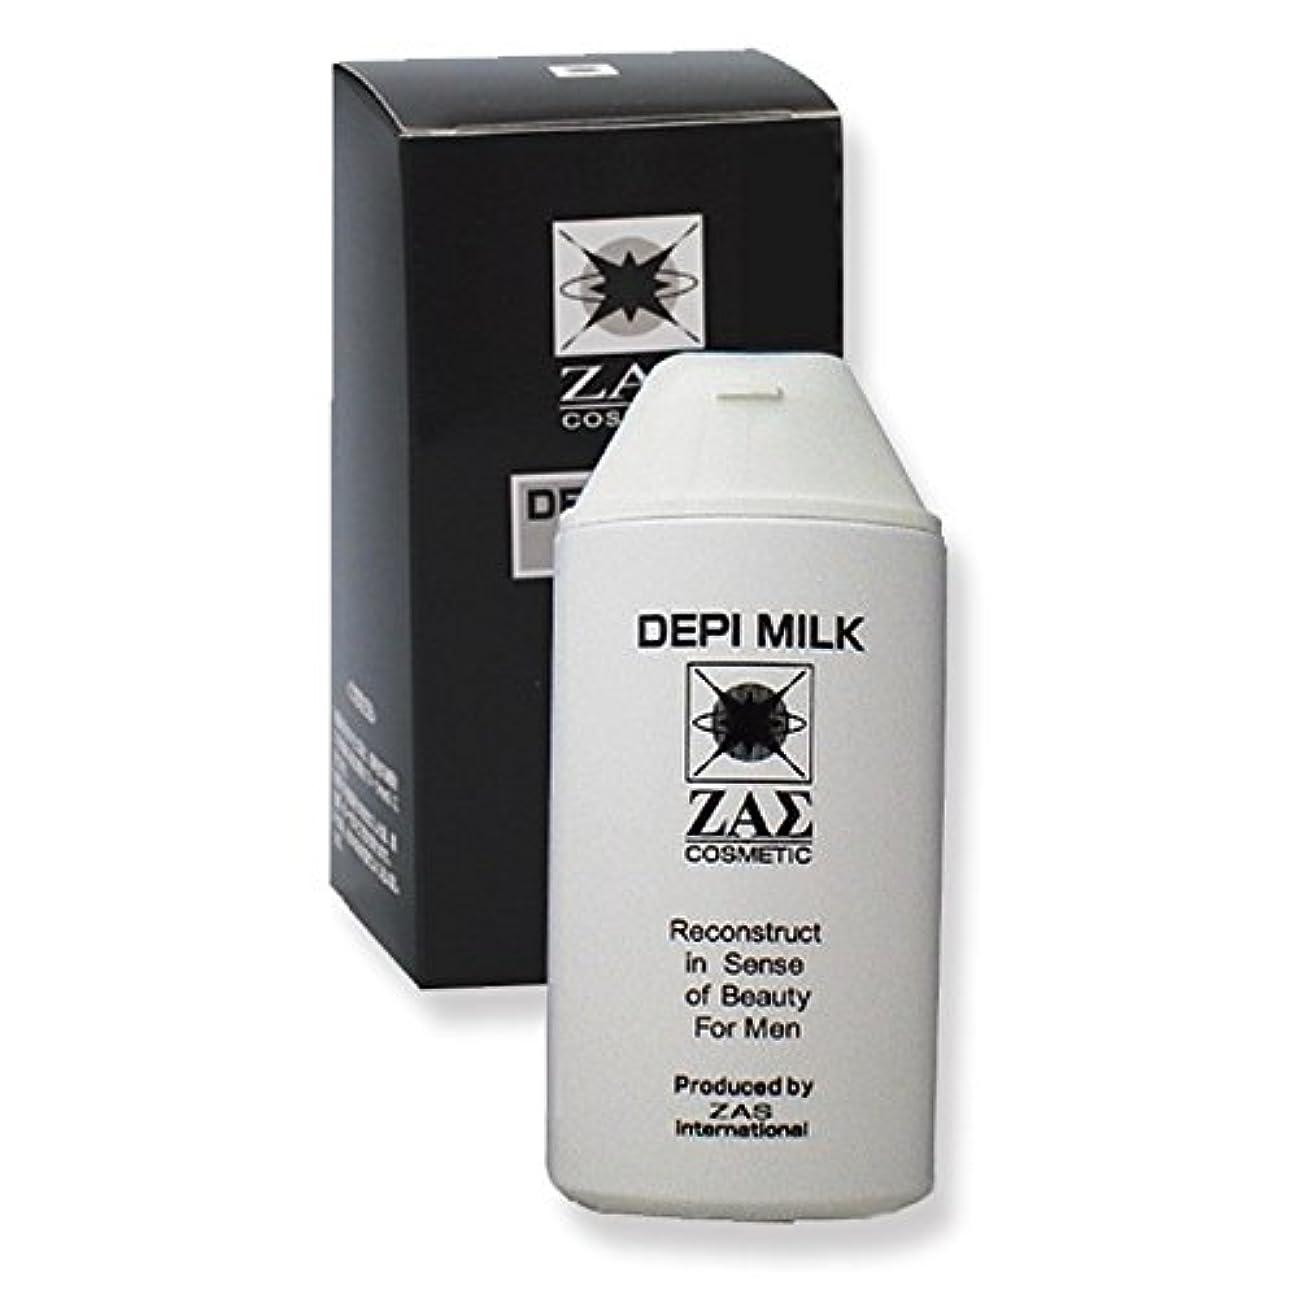 屋内で天窓油剛毛対策用除毛剤 デピミルク